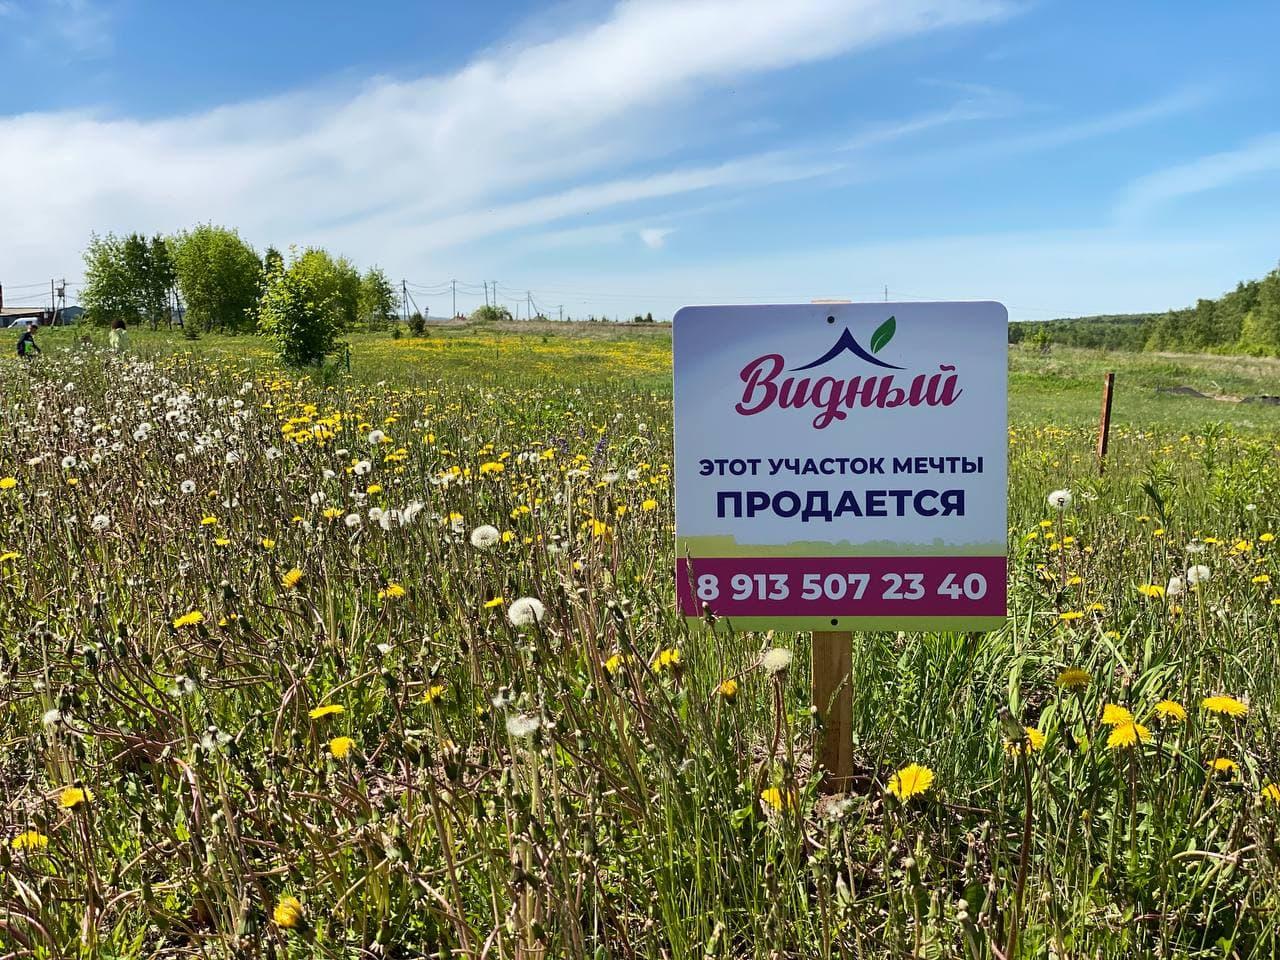 Купить земельный участок в Красноярске недорого